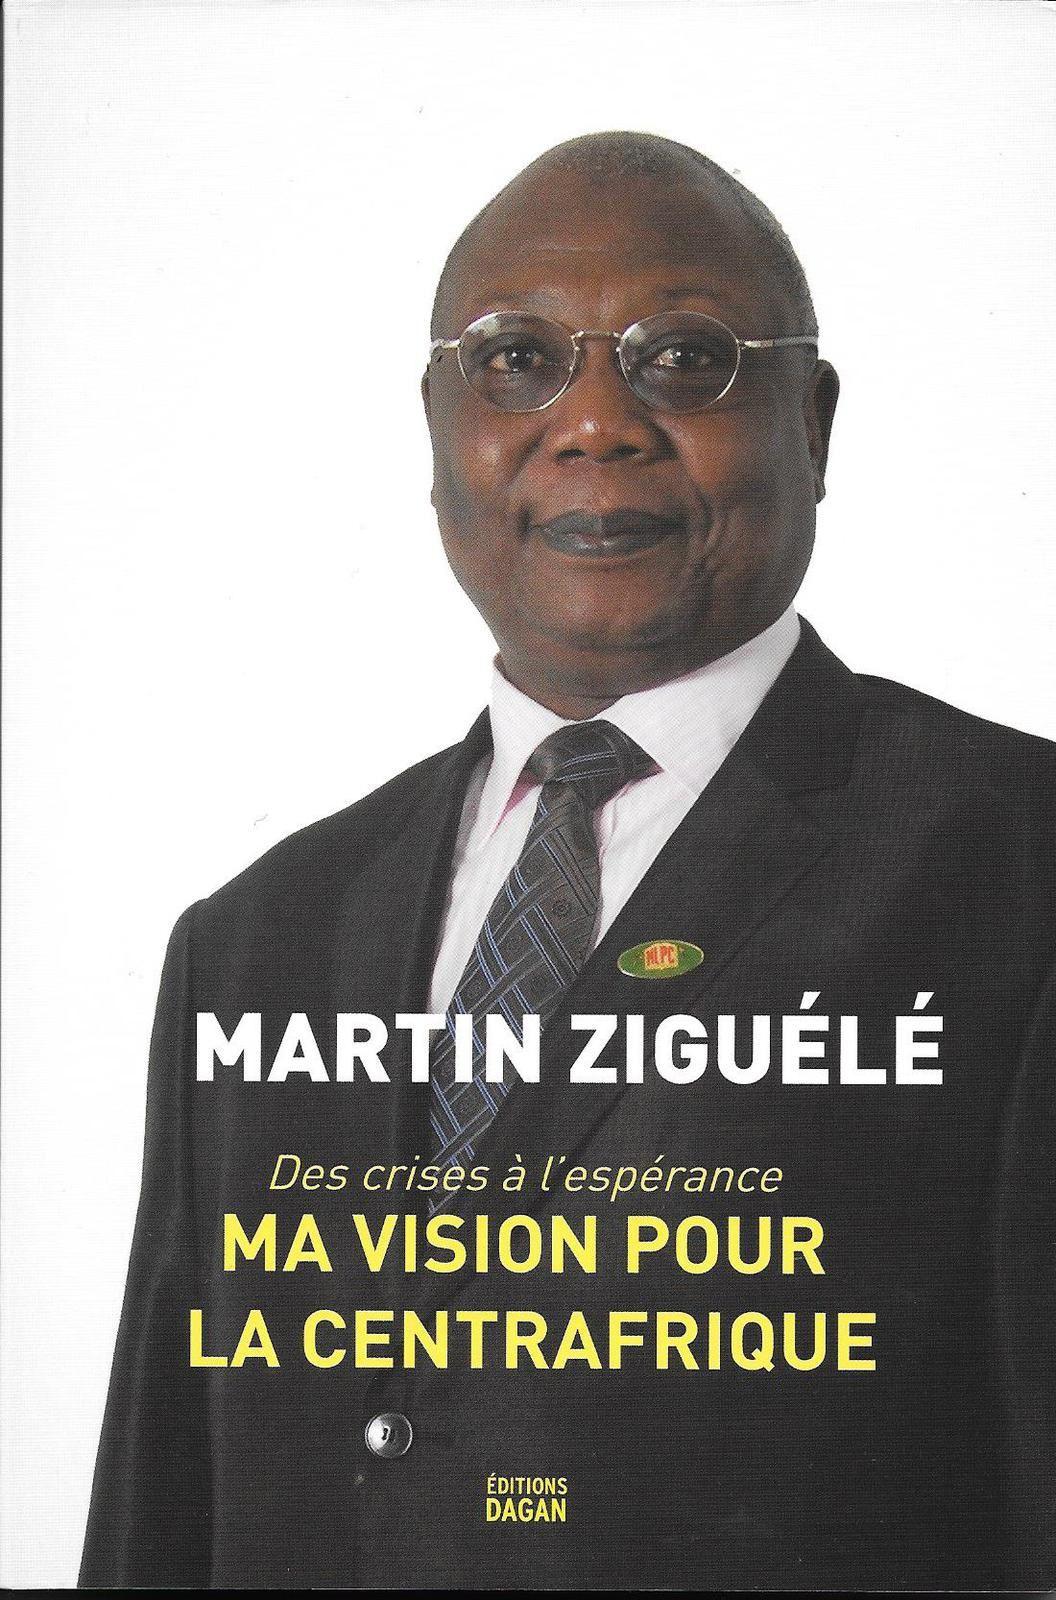 Où trouver le livre de Martin ZIGUELE ?